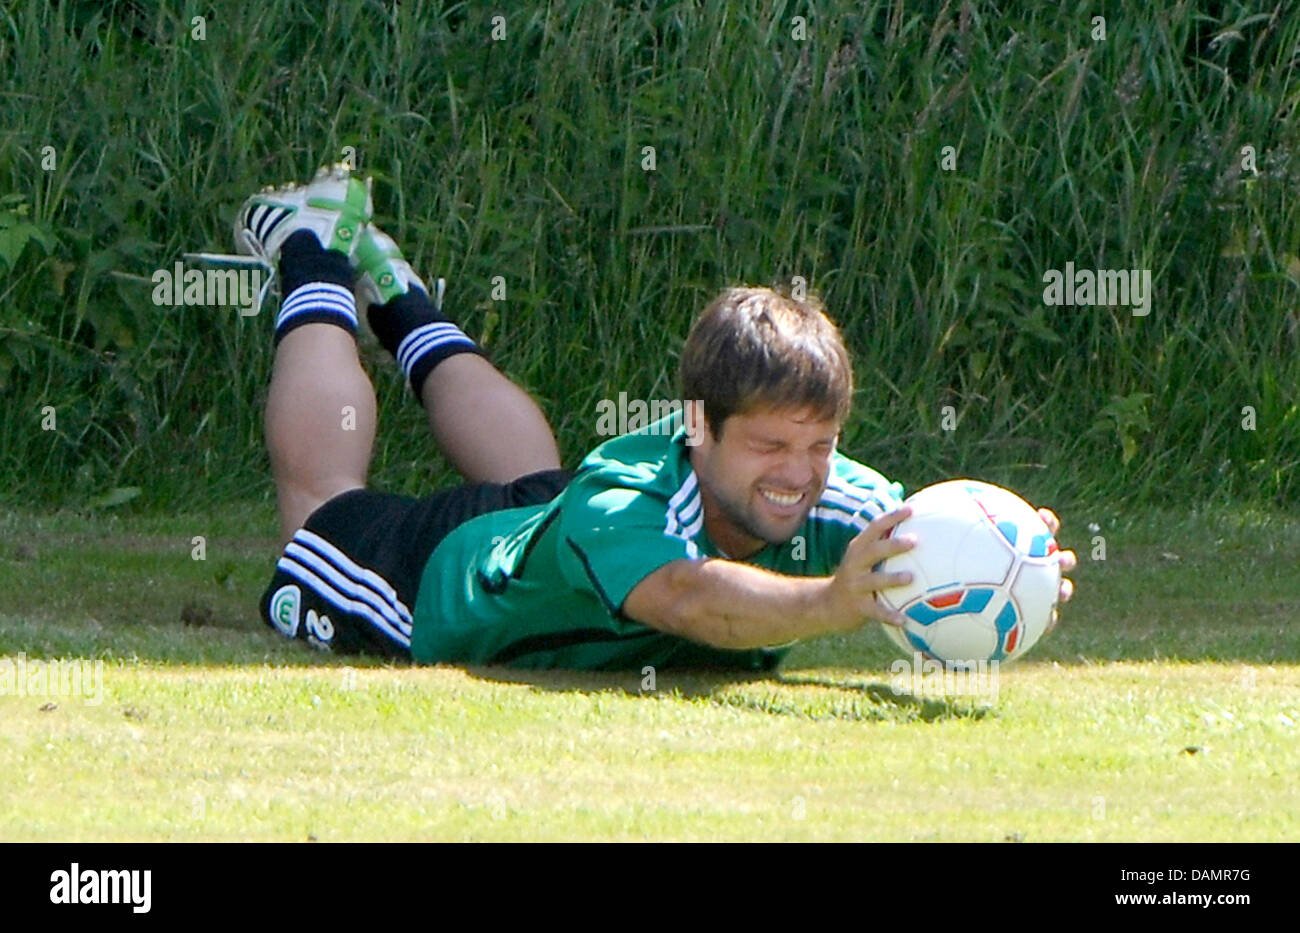 Wolfsburg's Diego sostiene un balón en un entrenamiento de circuito durante la Bundesliga alemana club Imagen De Stock